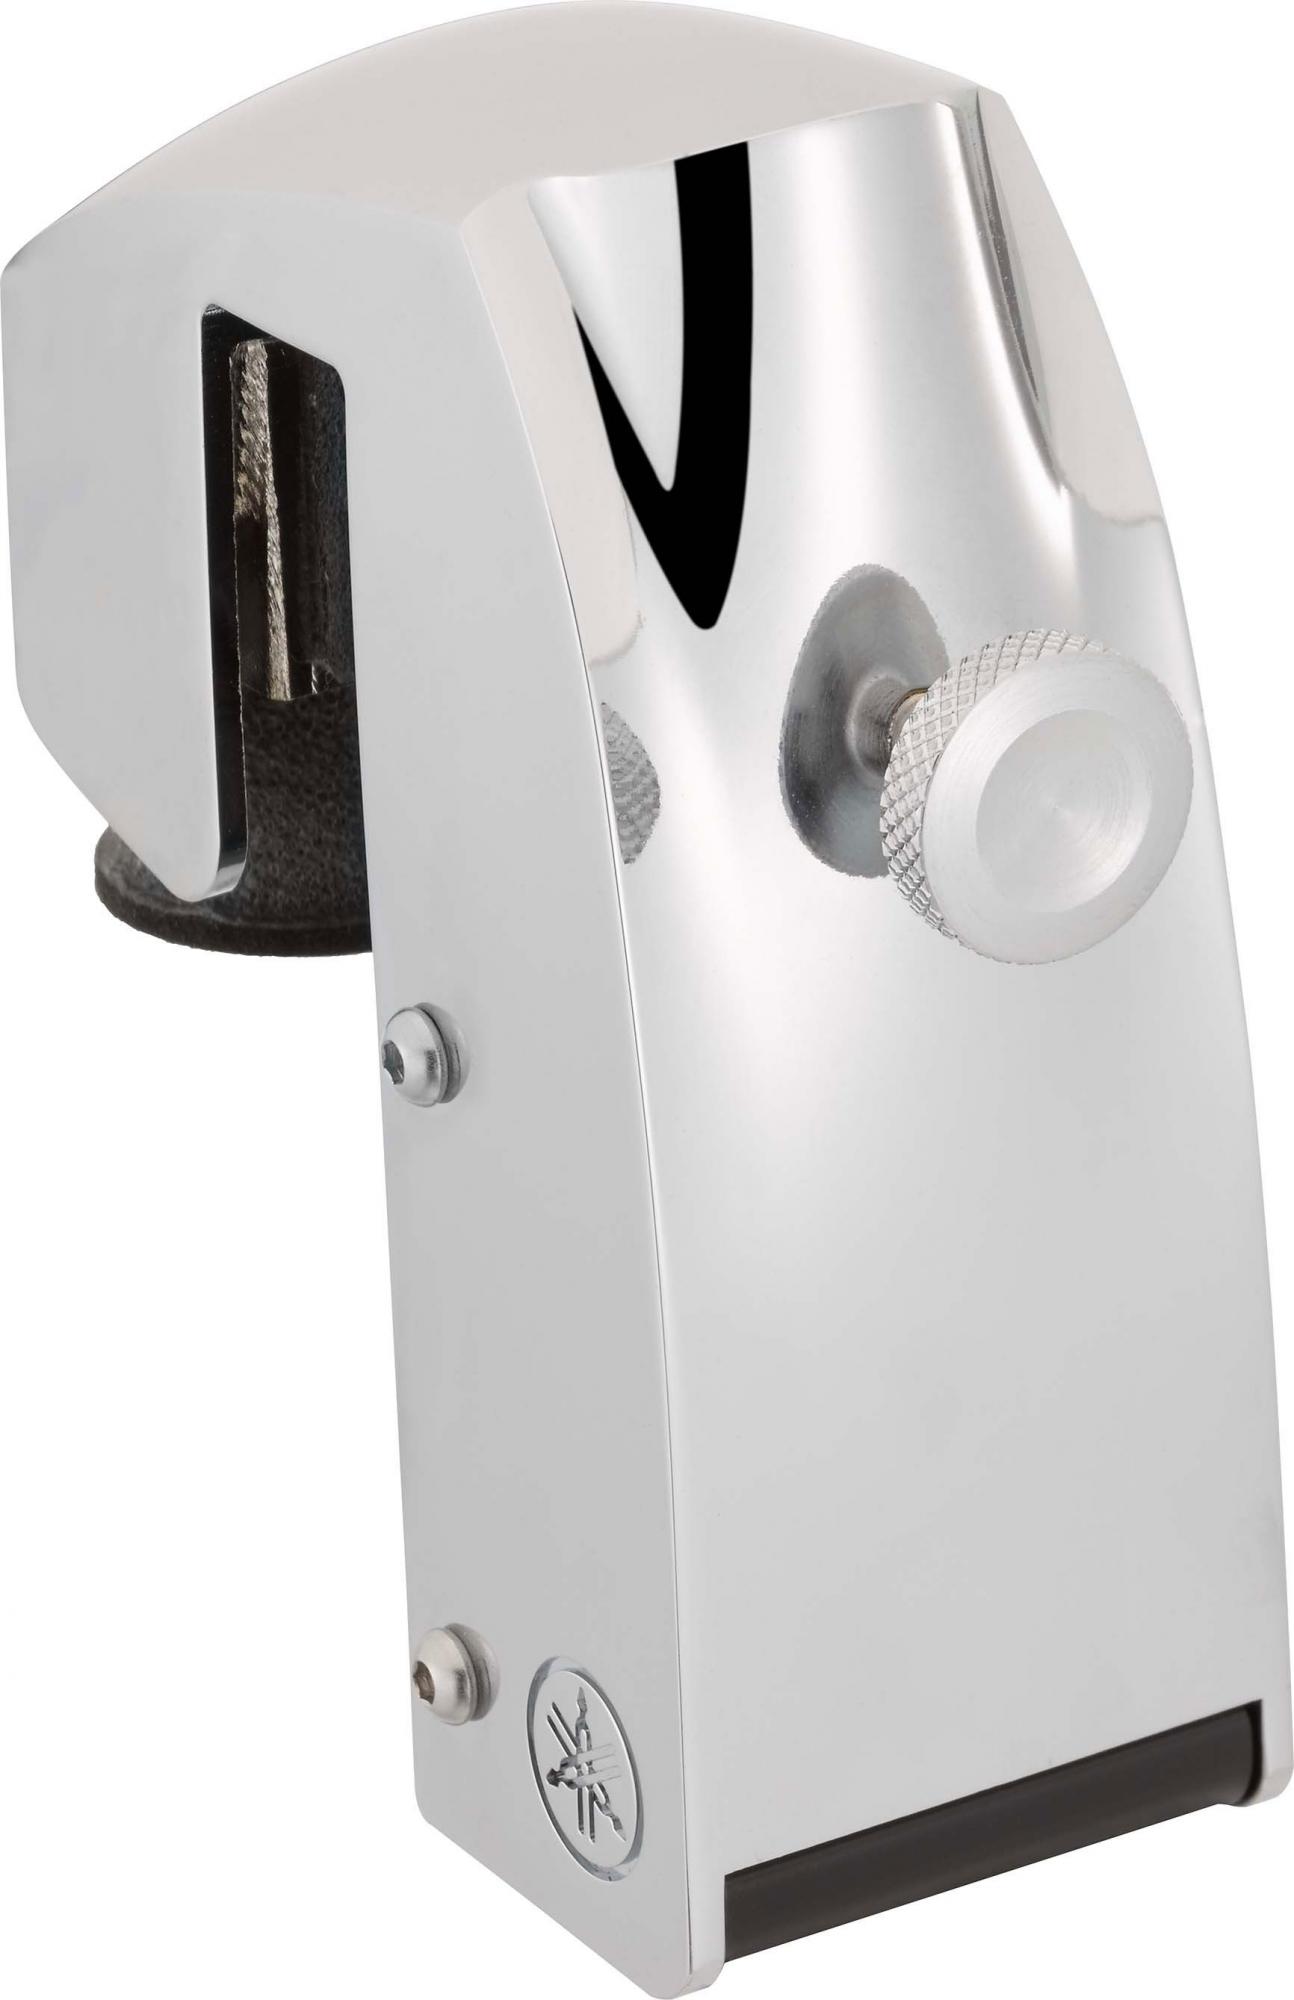 Billede af Yamaha DT50K Stortrommetrigger